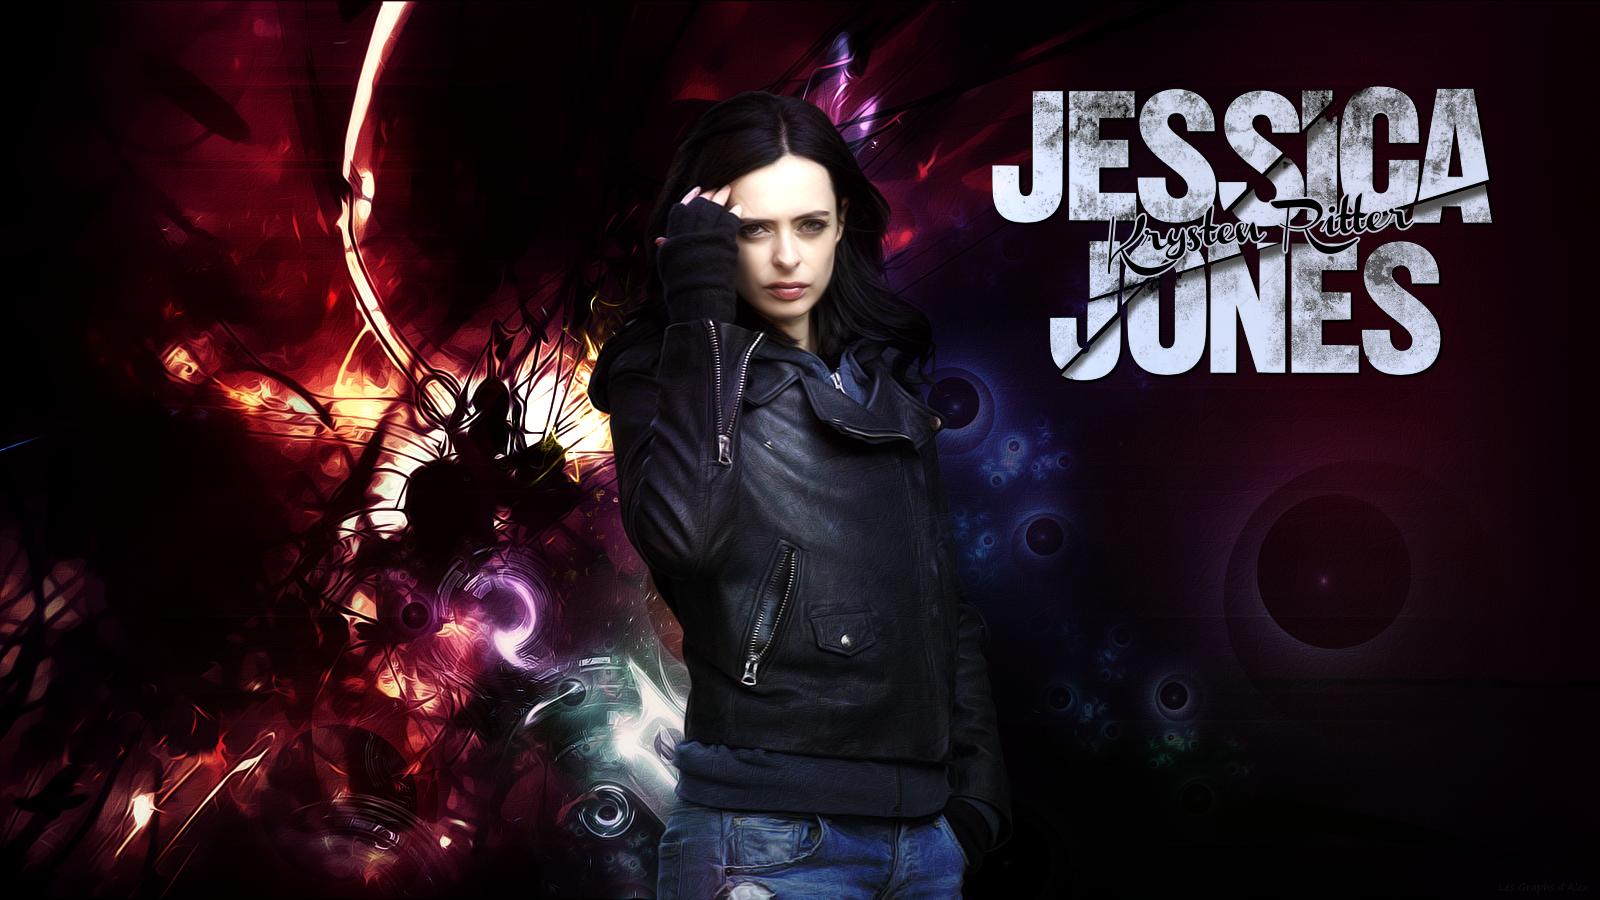 Jessica Jones Kristen Ritter By Alex35ex On Deviantart